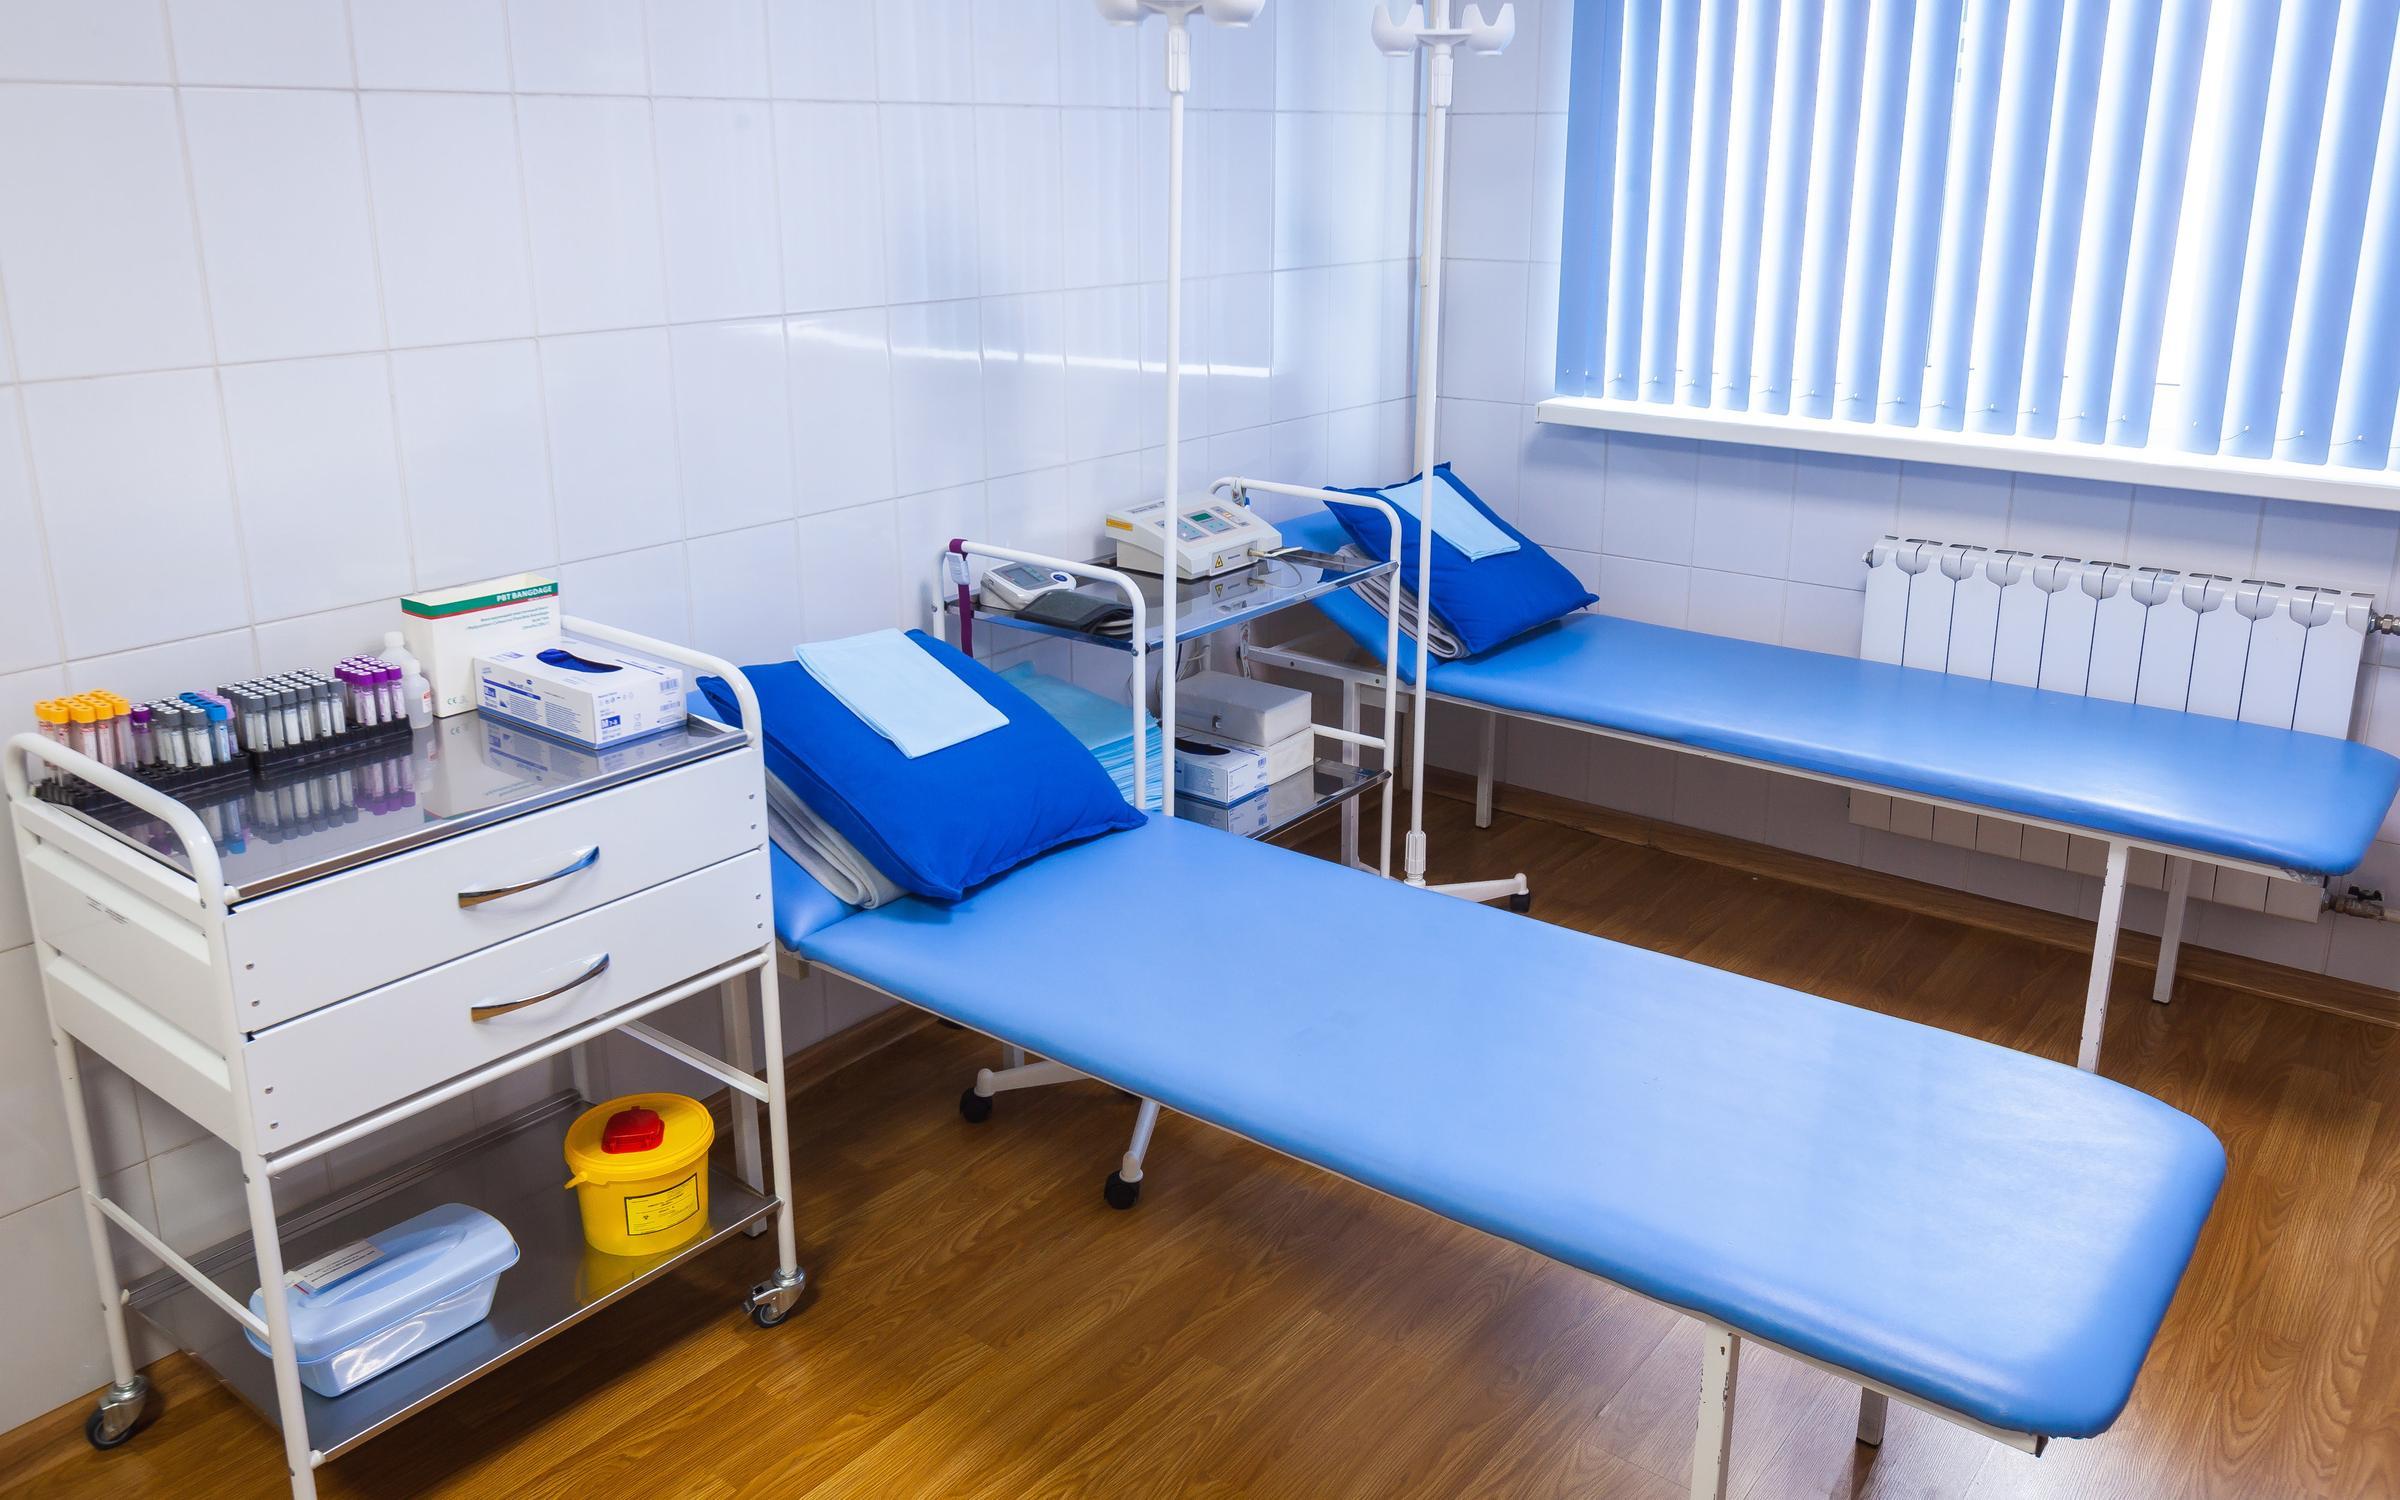 фотография Семейного медицинского центра Никсор Клиник в Долгопрудном на Лихачевском проспекте